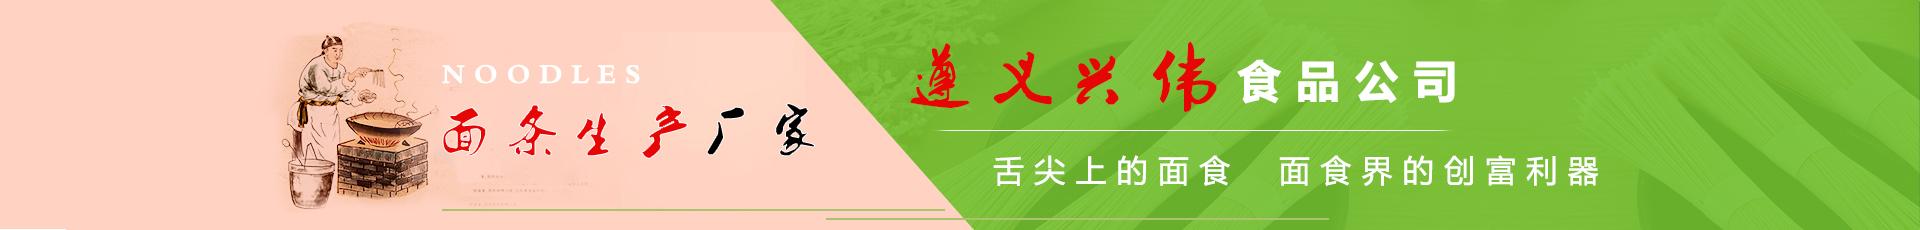 贵州面条厂家